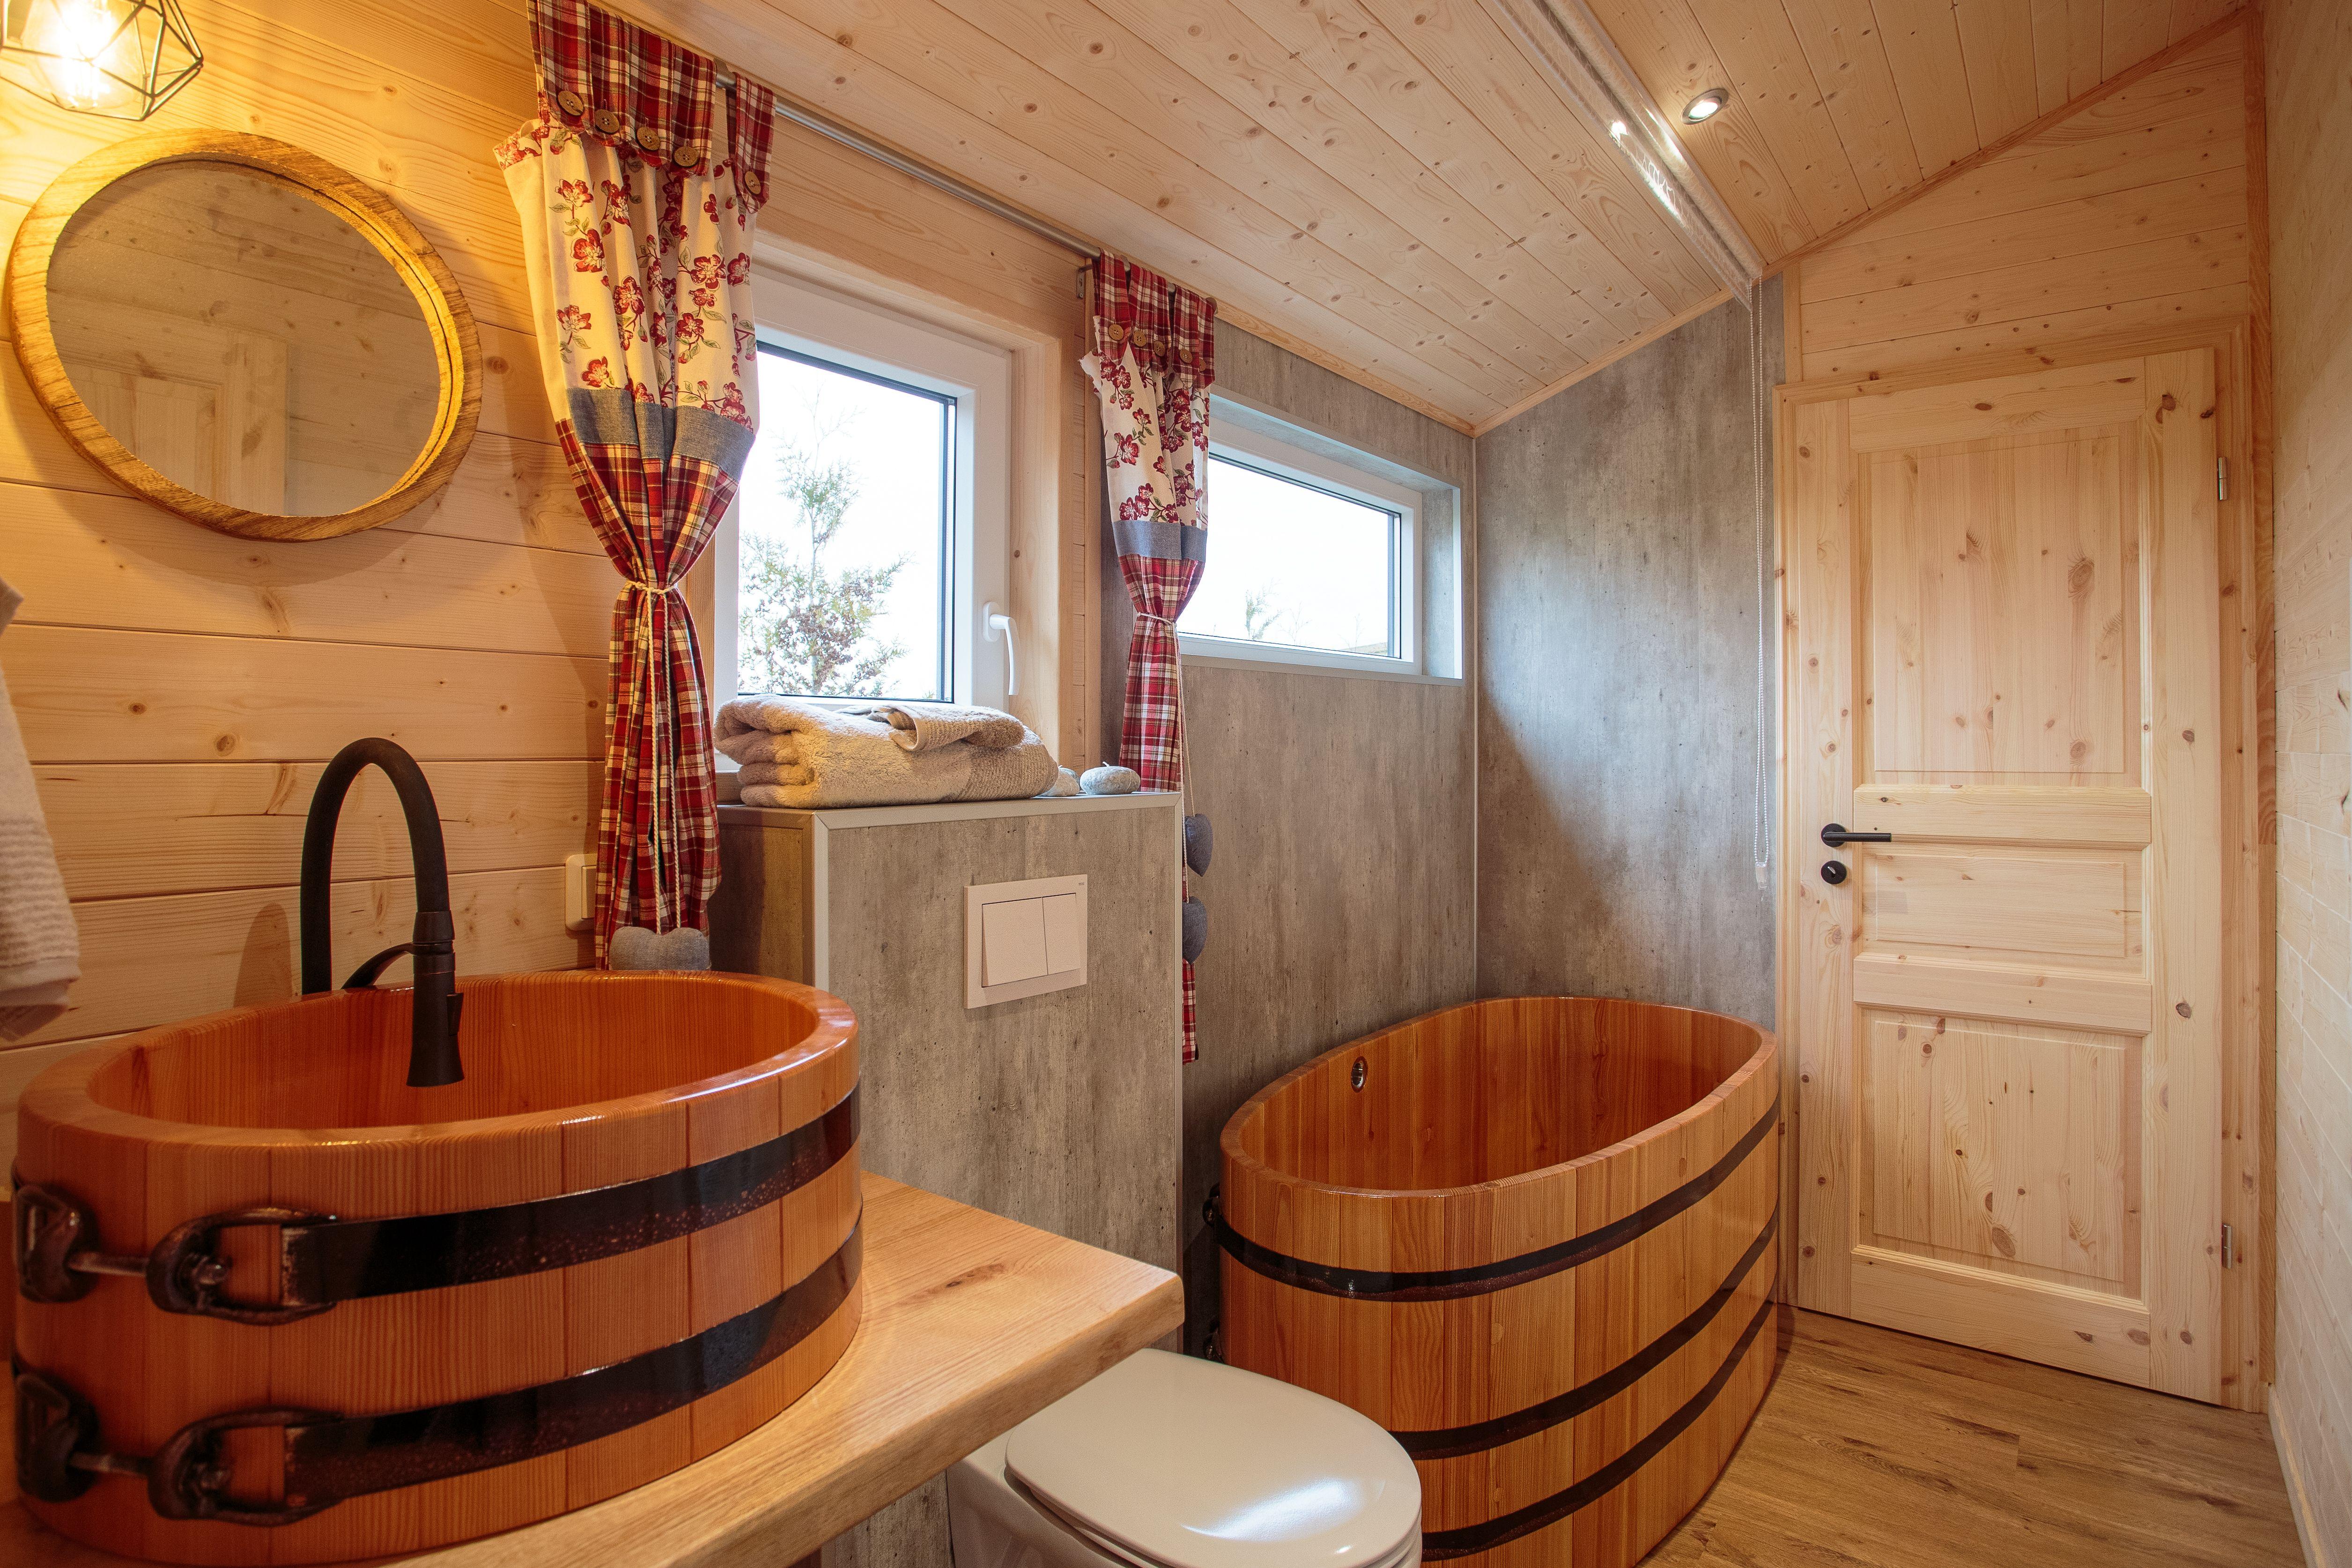 Luxus Badezimmer In 2020 Badezimmer Holz Luxus Badezimmer Innenverkleidung